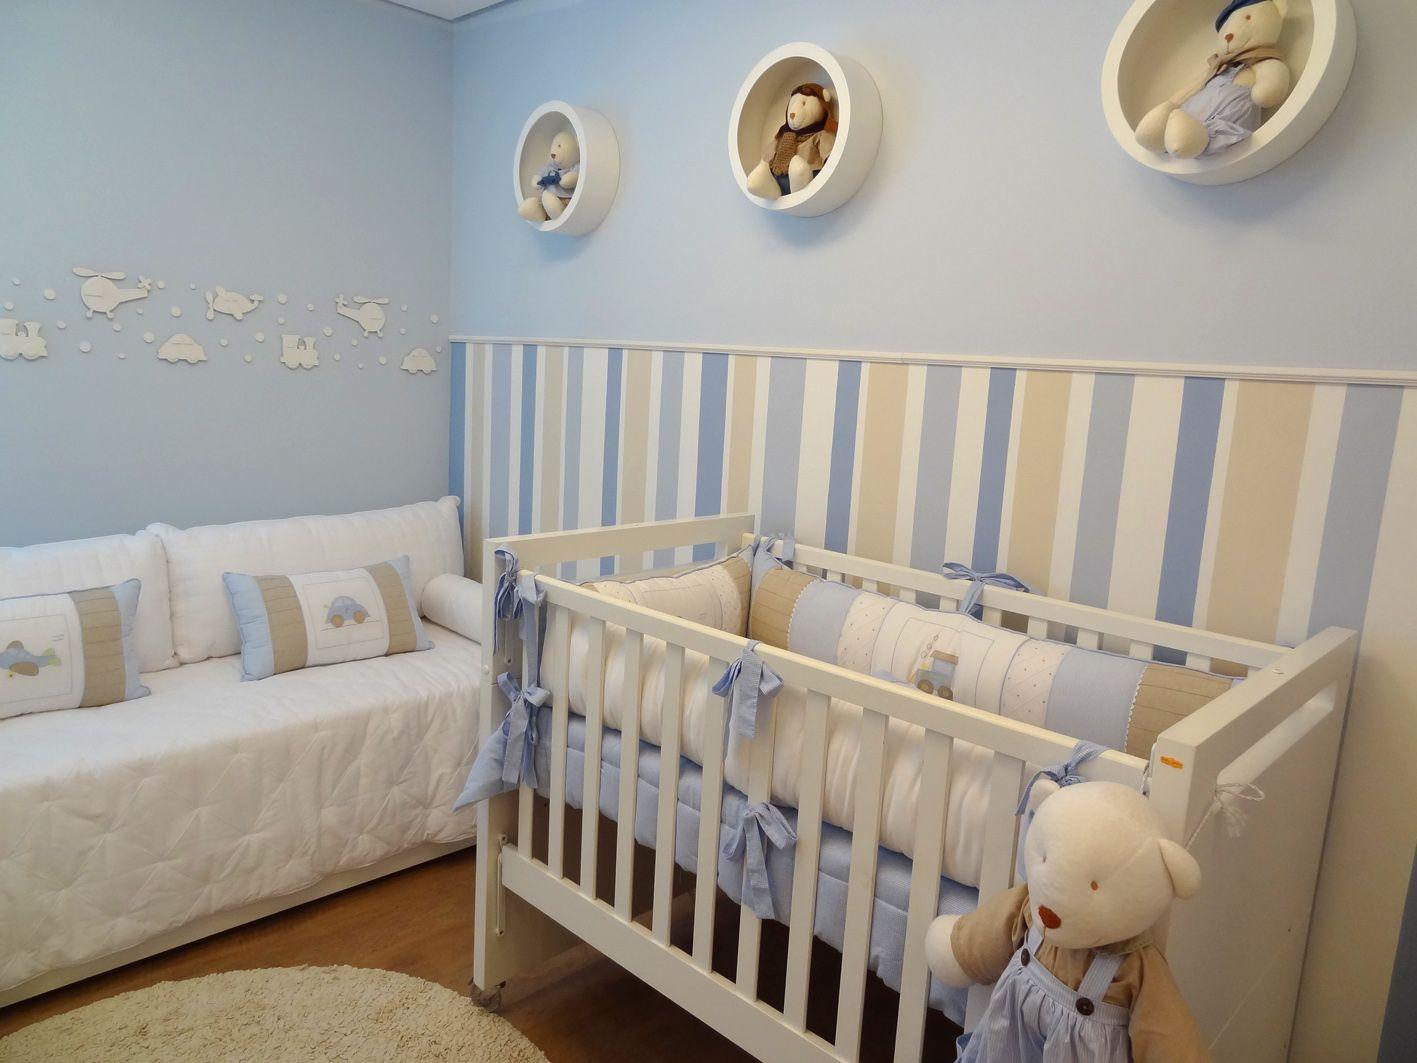 Quarto De Beb Azul Com Listras Beb Pinterest Quarto De Beb  -> Parede Da Sala Listrada Azul Marinho